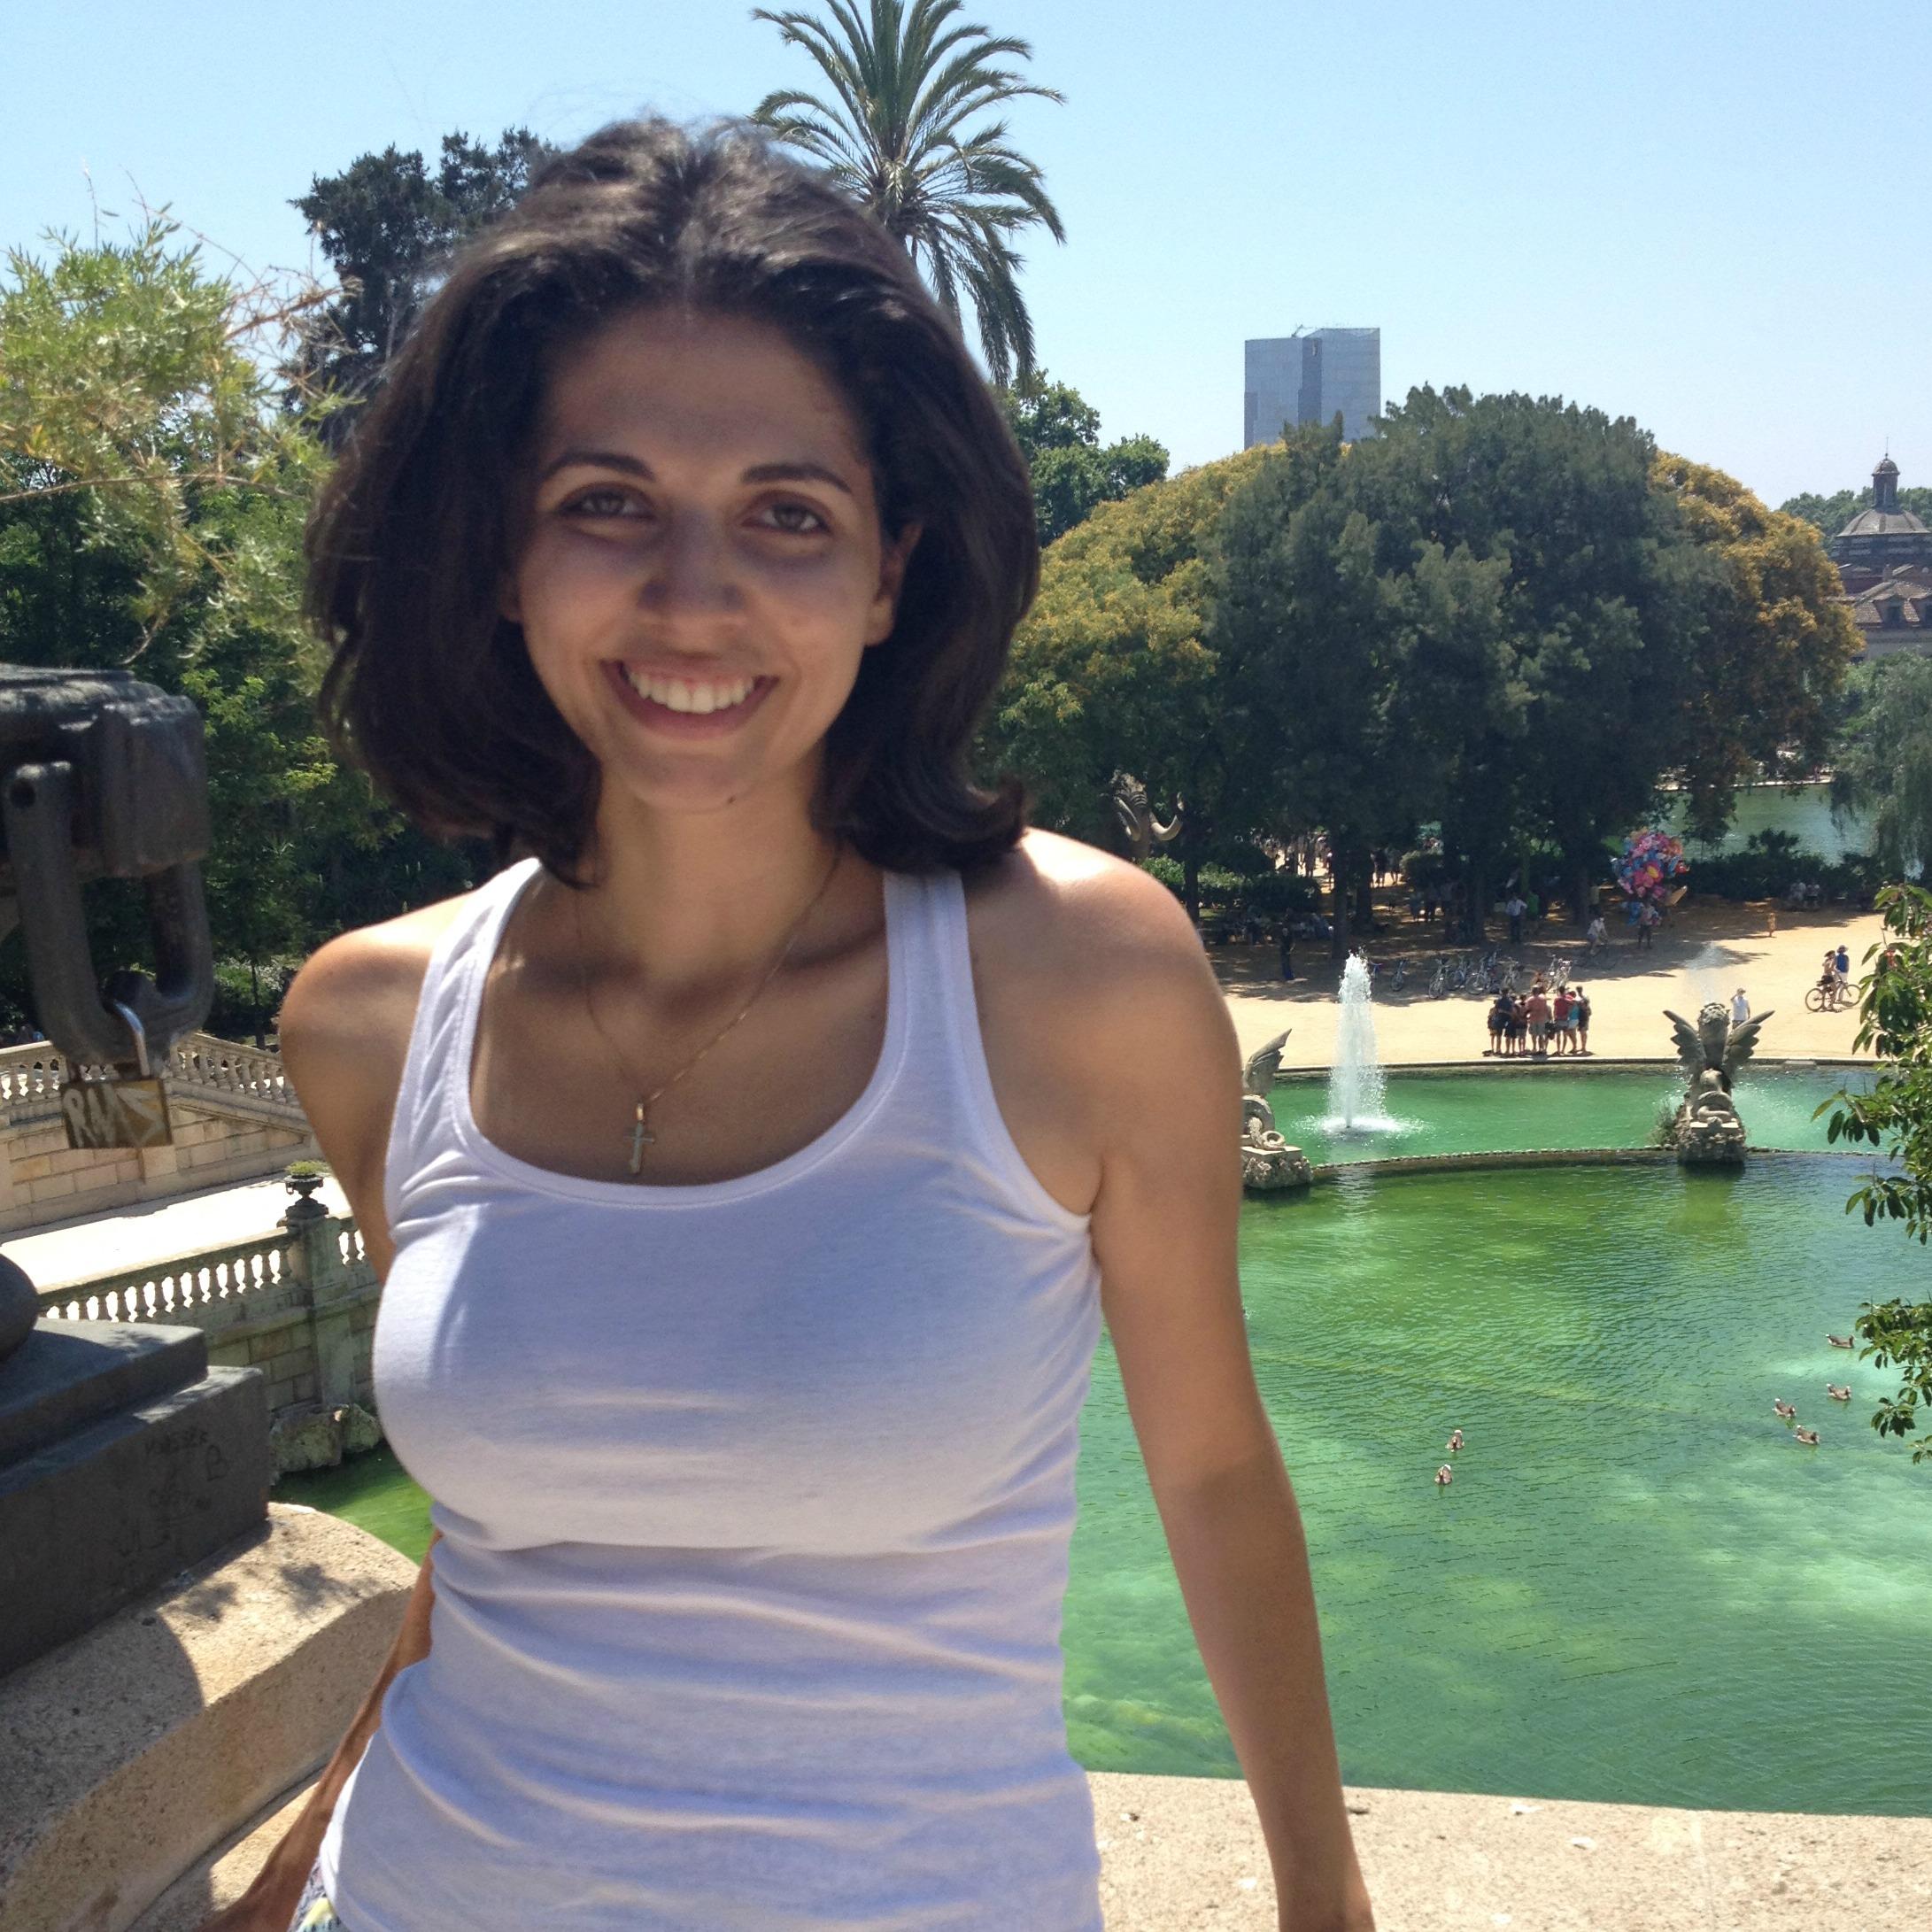 Rachel Aboukhair